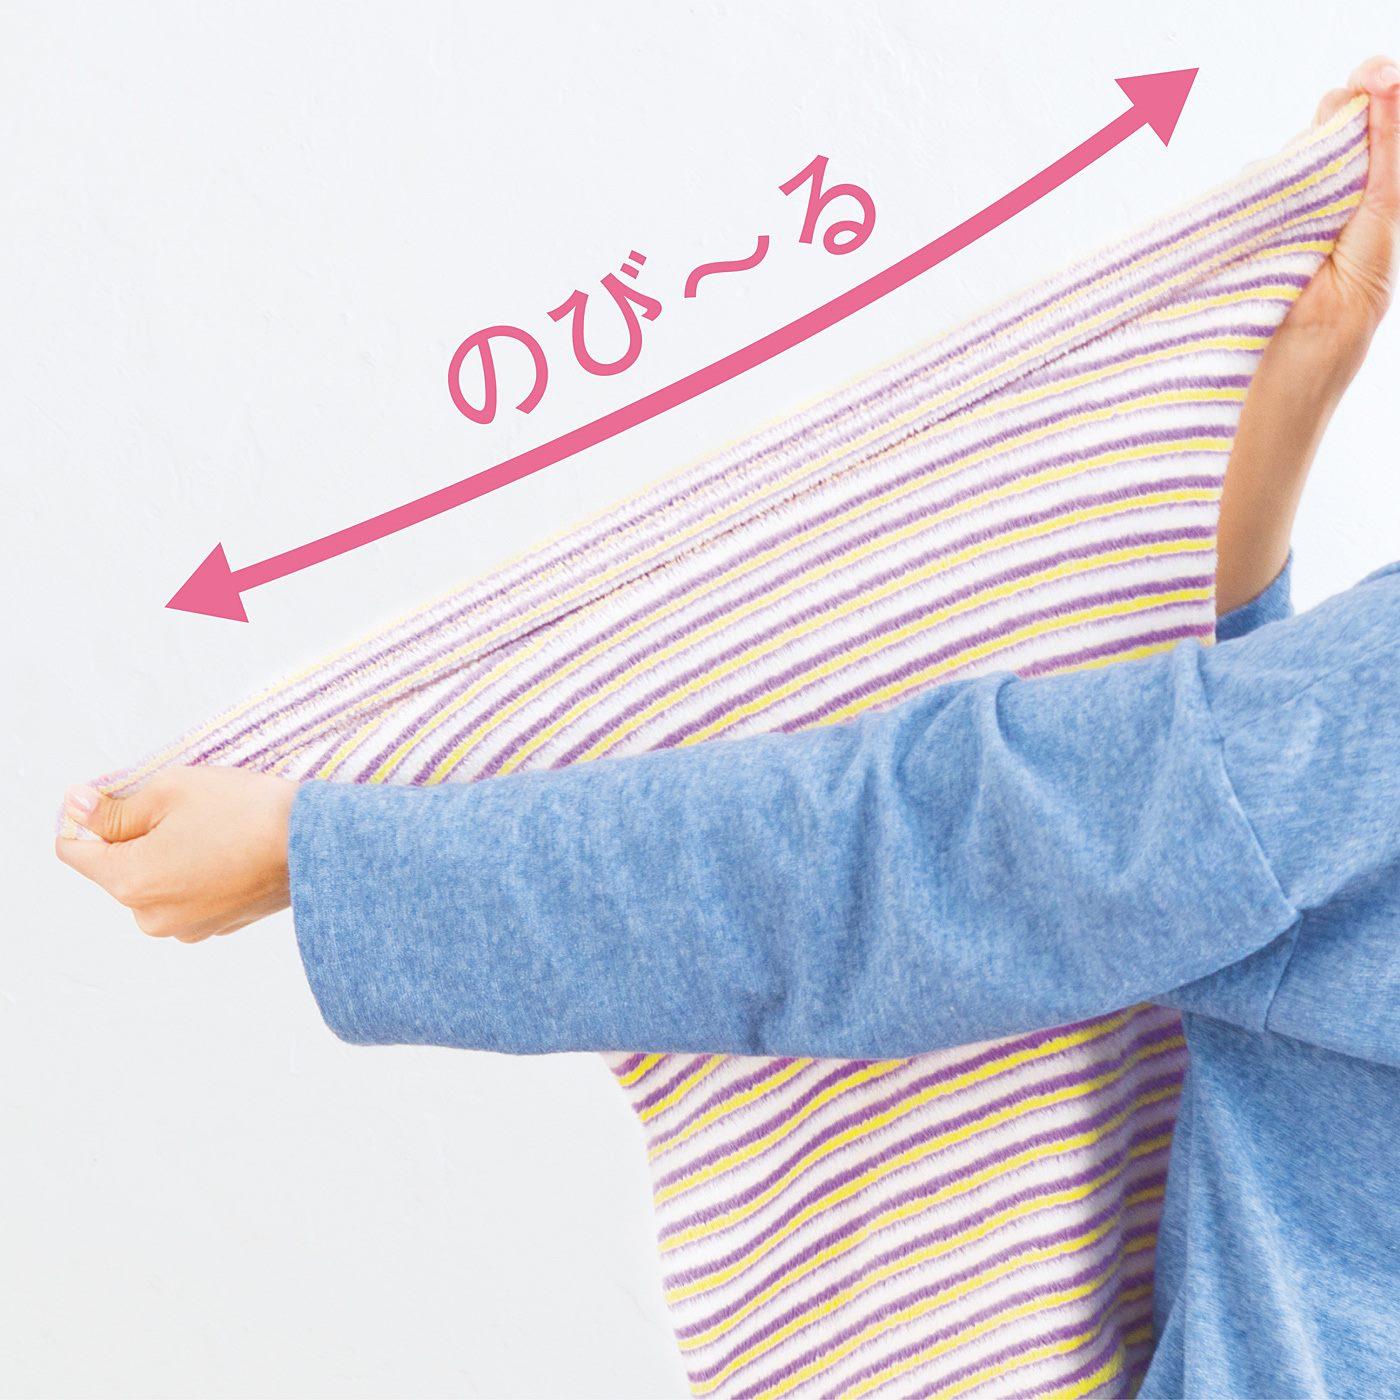 伸縮性にすぐれた生地を使用しているから、いろいろなサイズのまくらにフィットします。